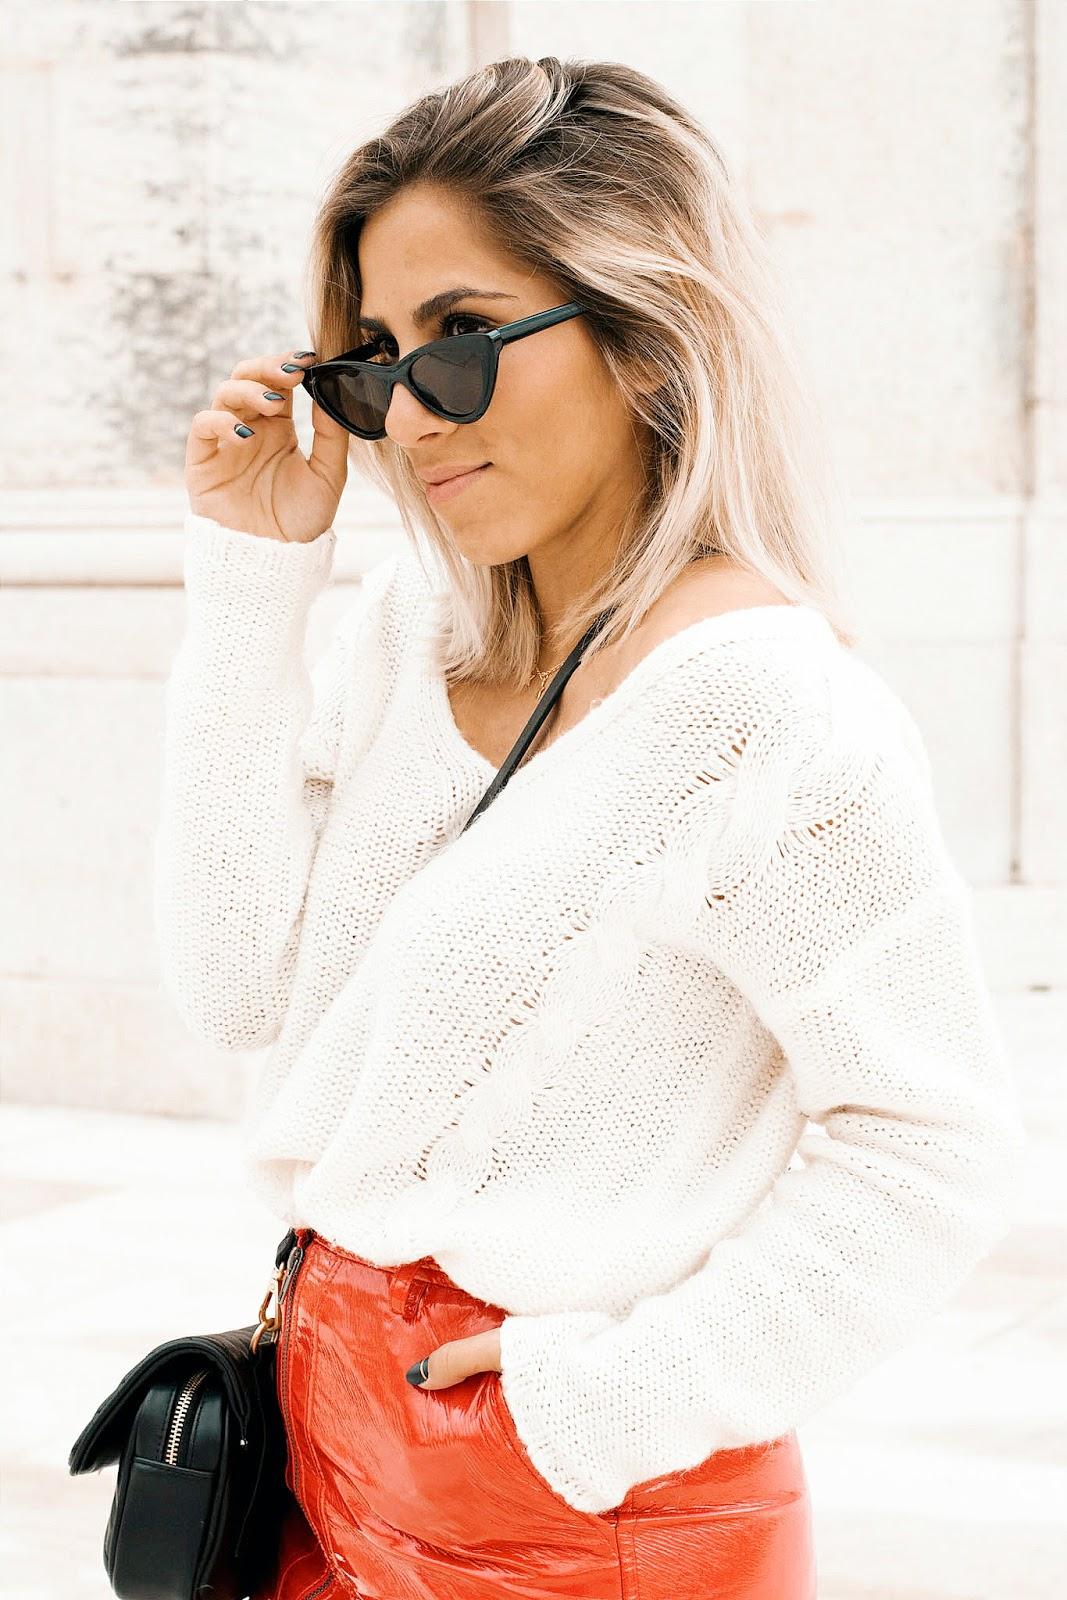 oculos-retro-tendencia-2018